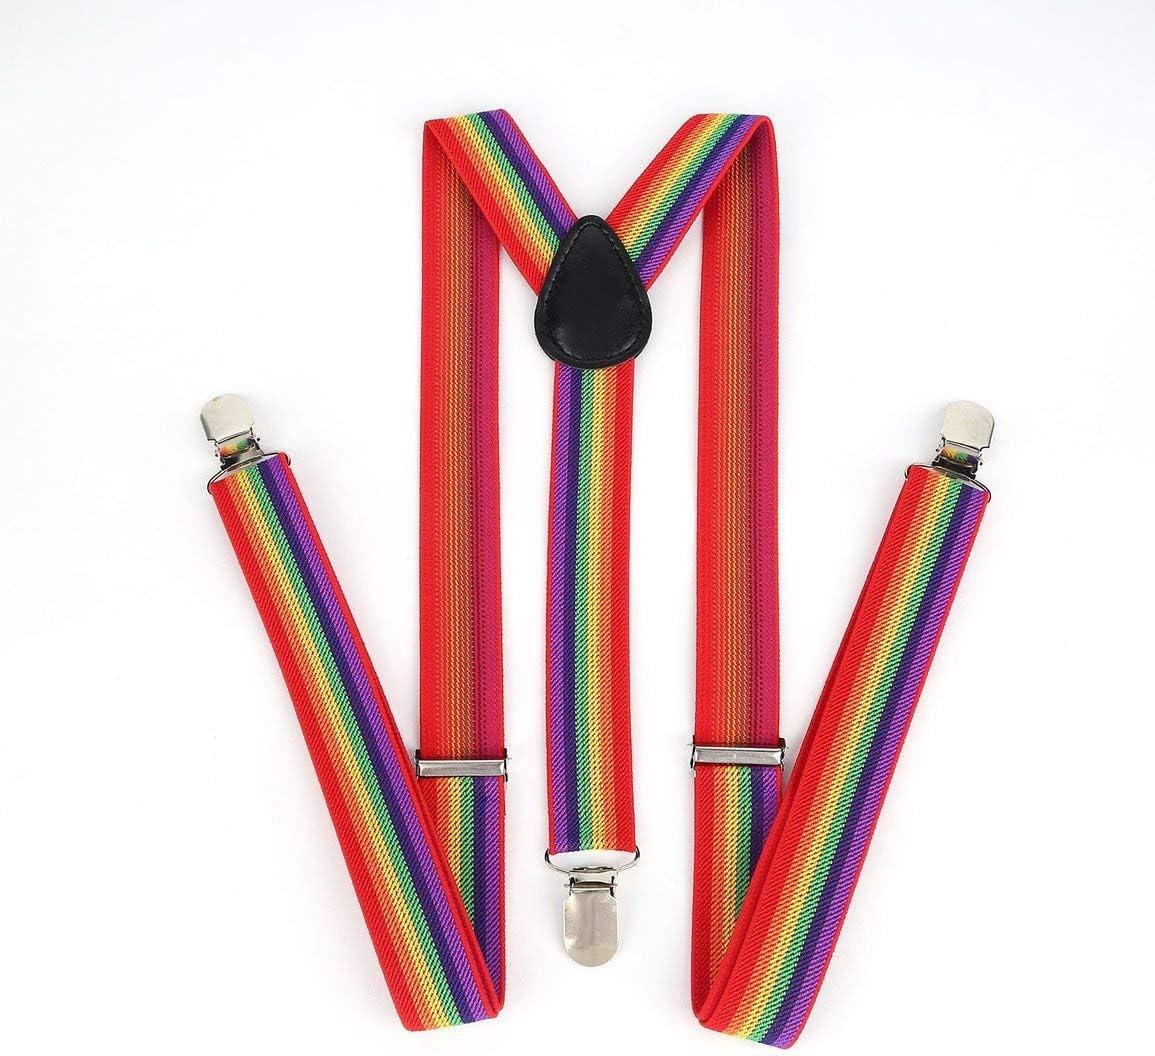 Unisex Women Men Y Shape Elastic Clip-on Suspenders Strap Pants Braces Adjustable Braces Adult 3 Clip Suspender Belt Strap